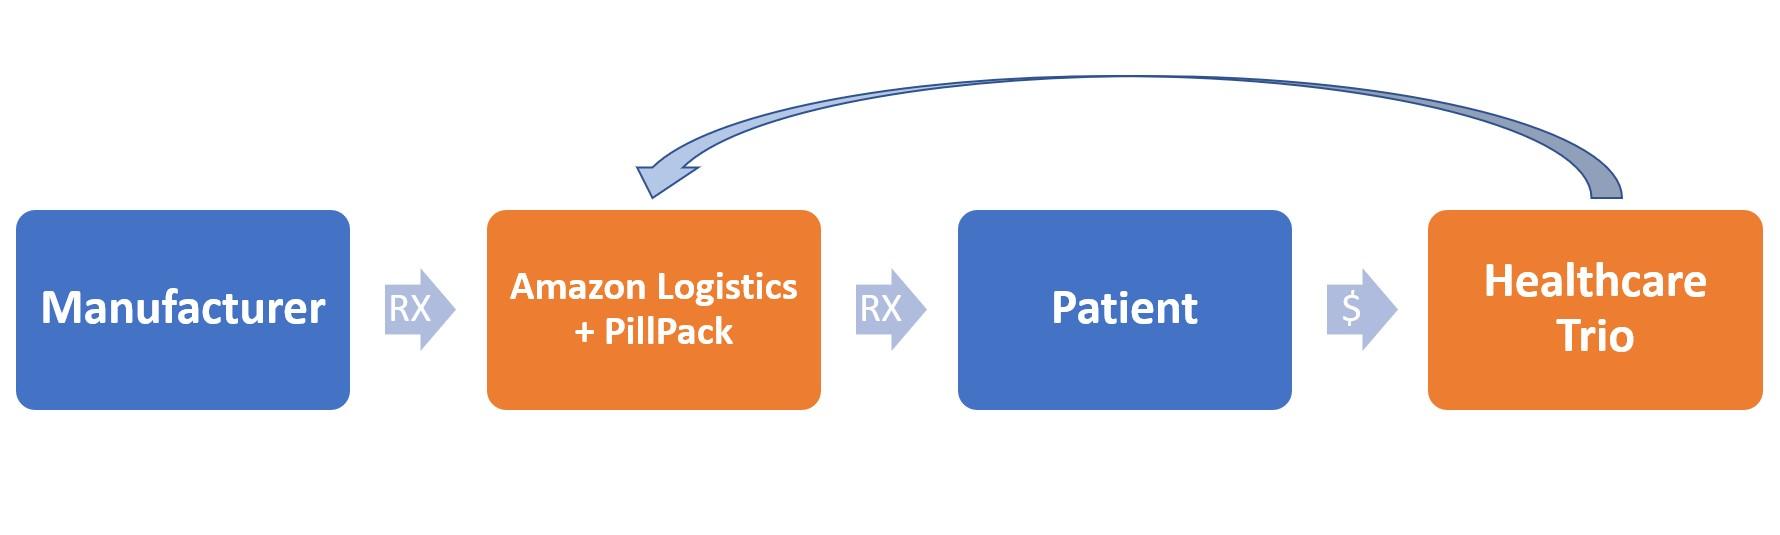 Proteus Medical Distributors | News